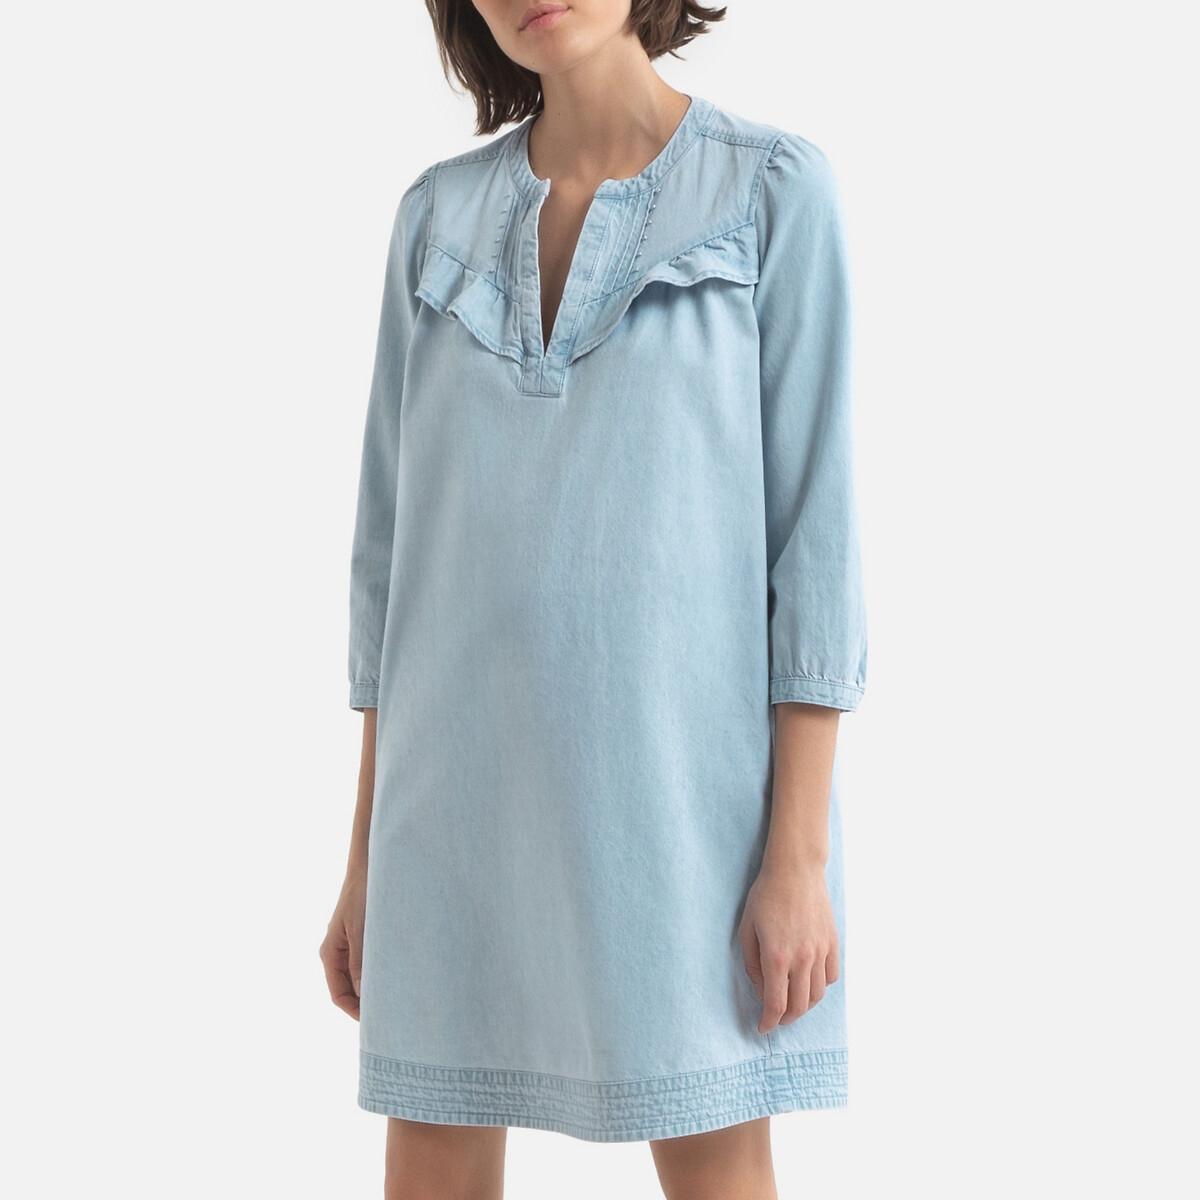 Платье LaRedoute Короткое прямое с длинными рукавами 42 (FR) - 48 (RUS) синий платье la redoute короткое расклешенное в горошек с ажурными бретелями 42 fr 48 rus синий